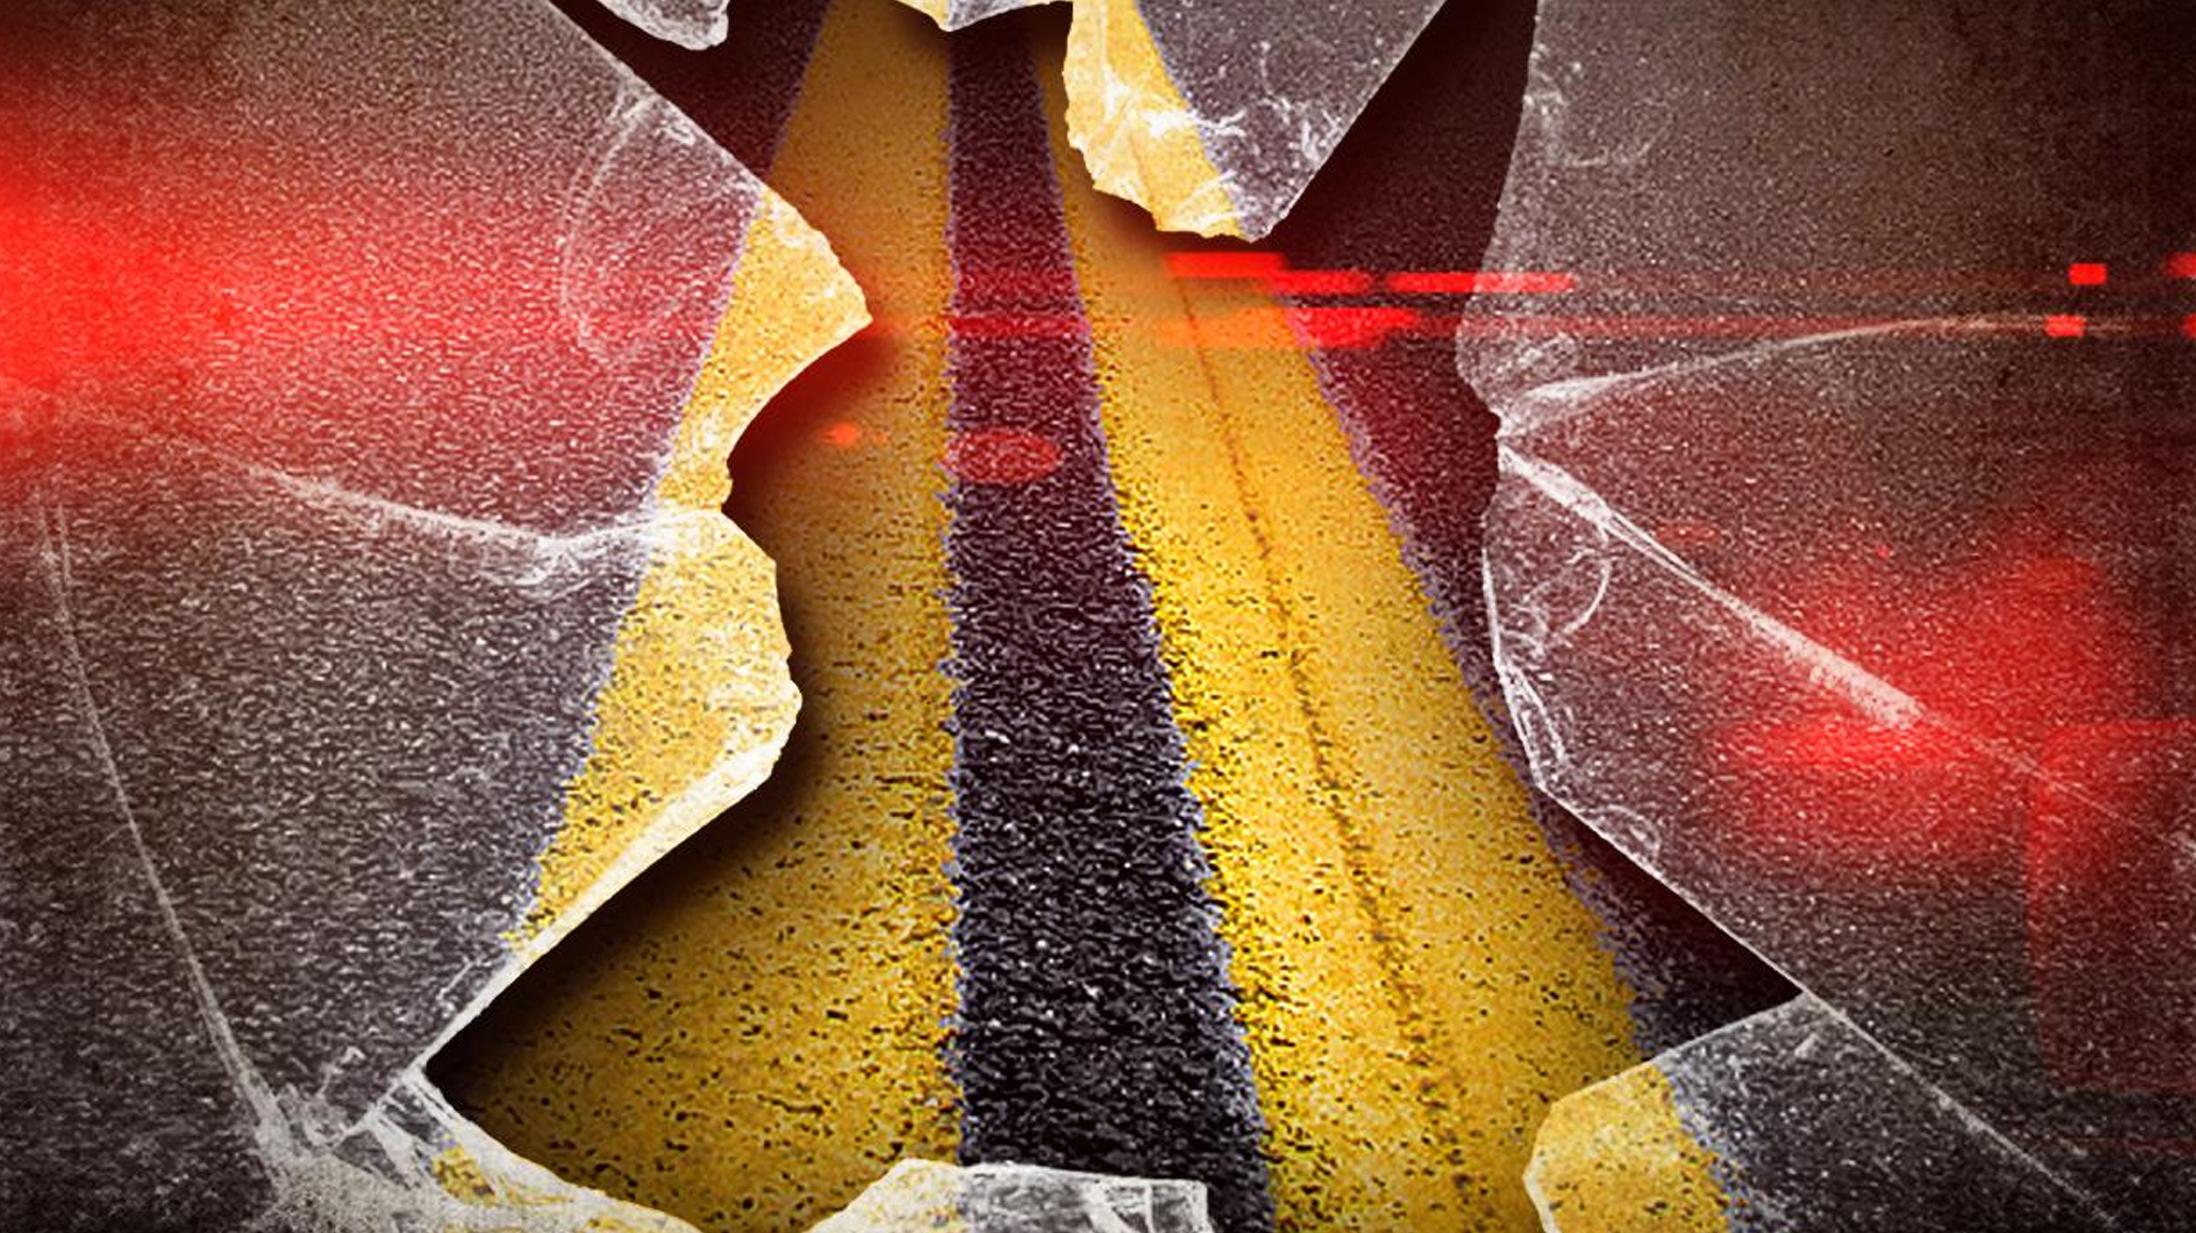 Car Crash FOR WEB_1470053979583.jpg